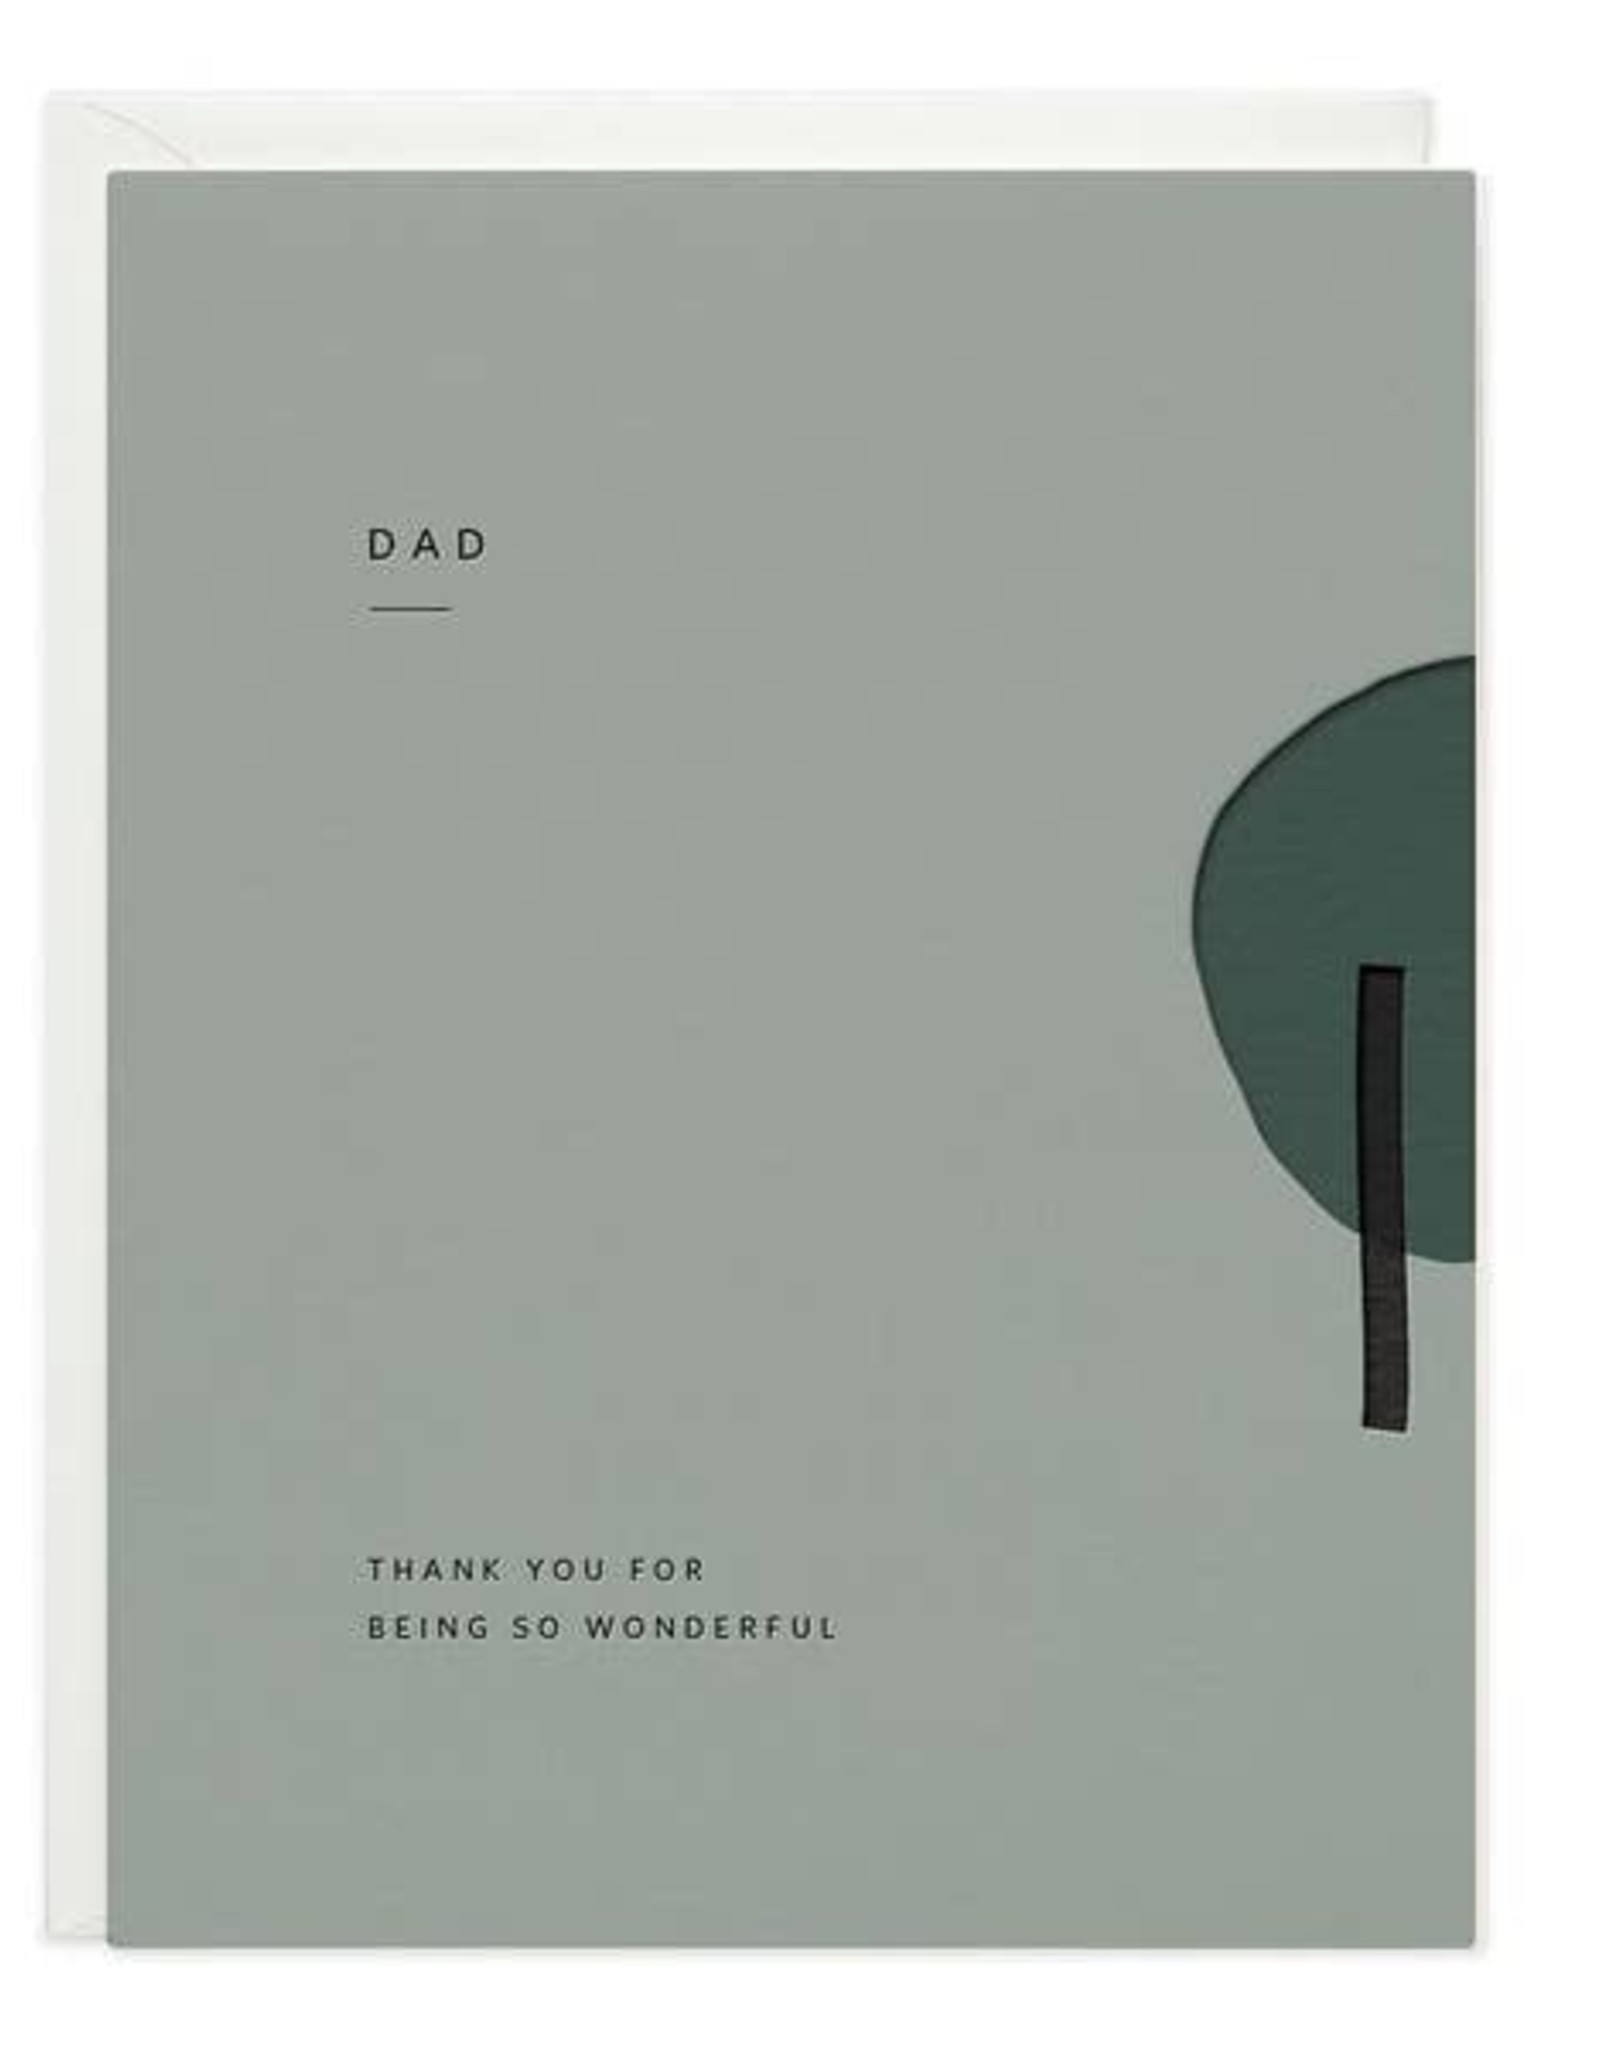 LeBLANC finds Dad Wonderful Greeting Card